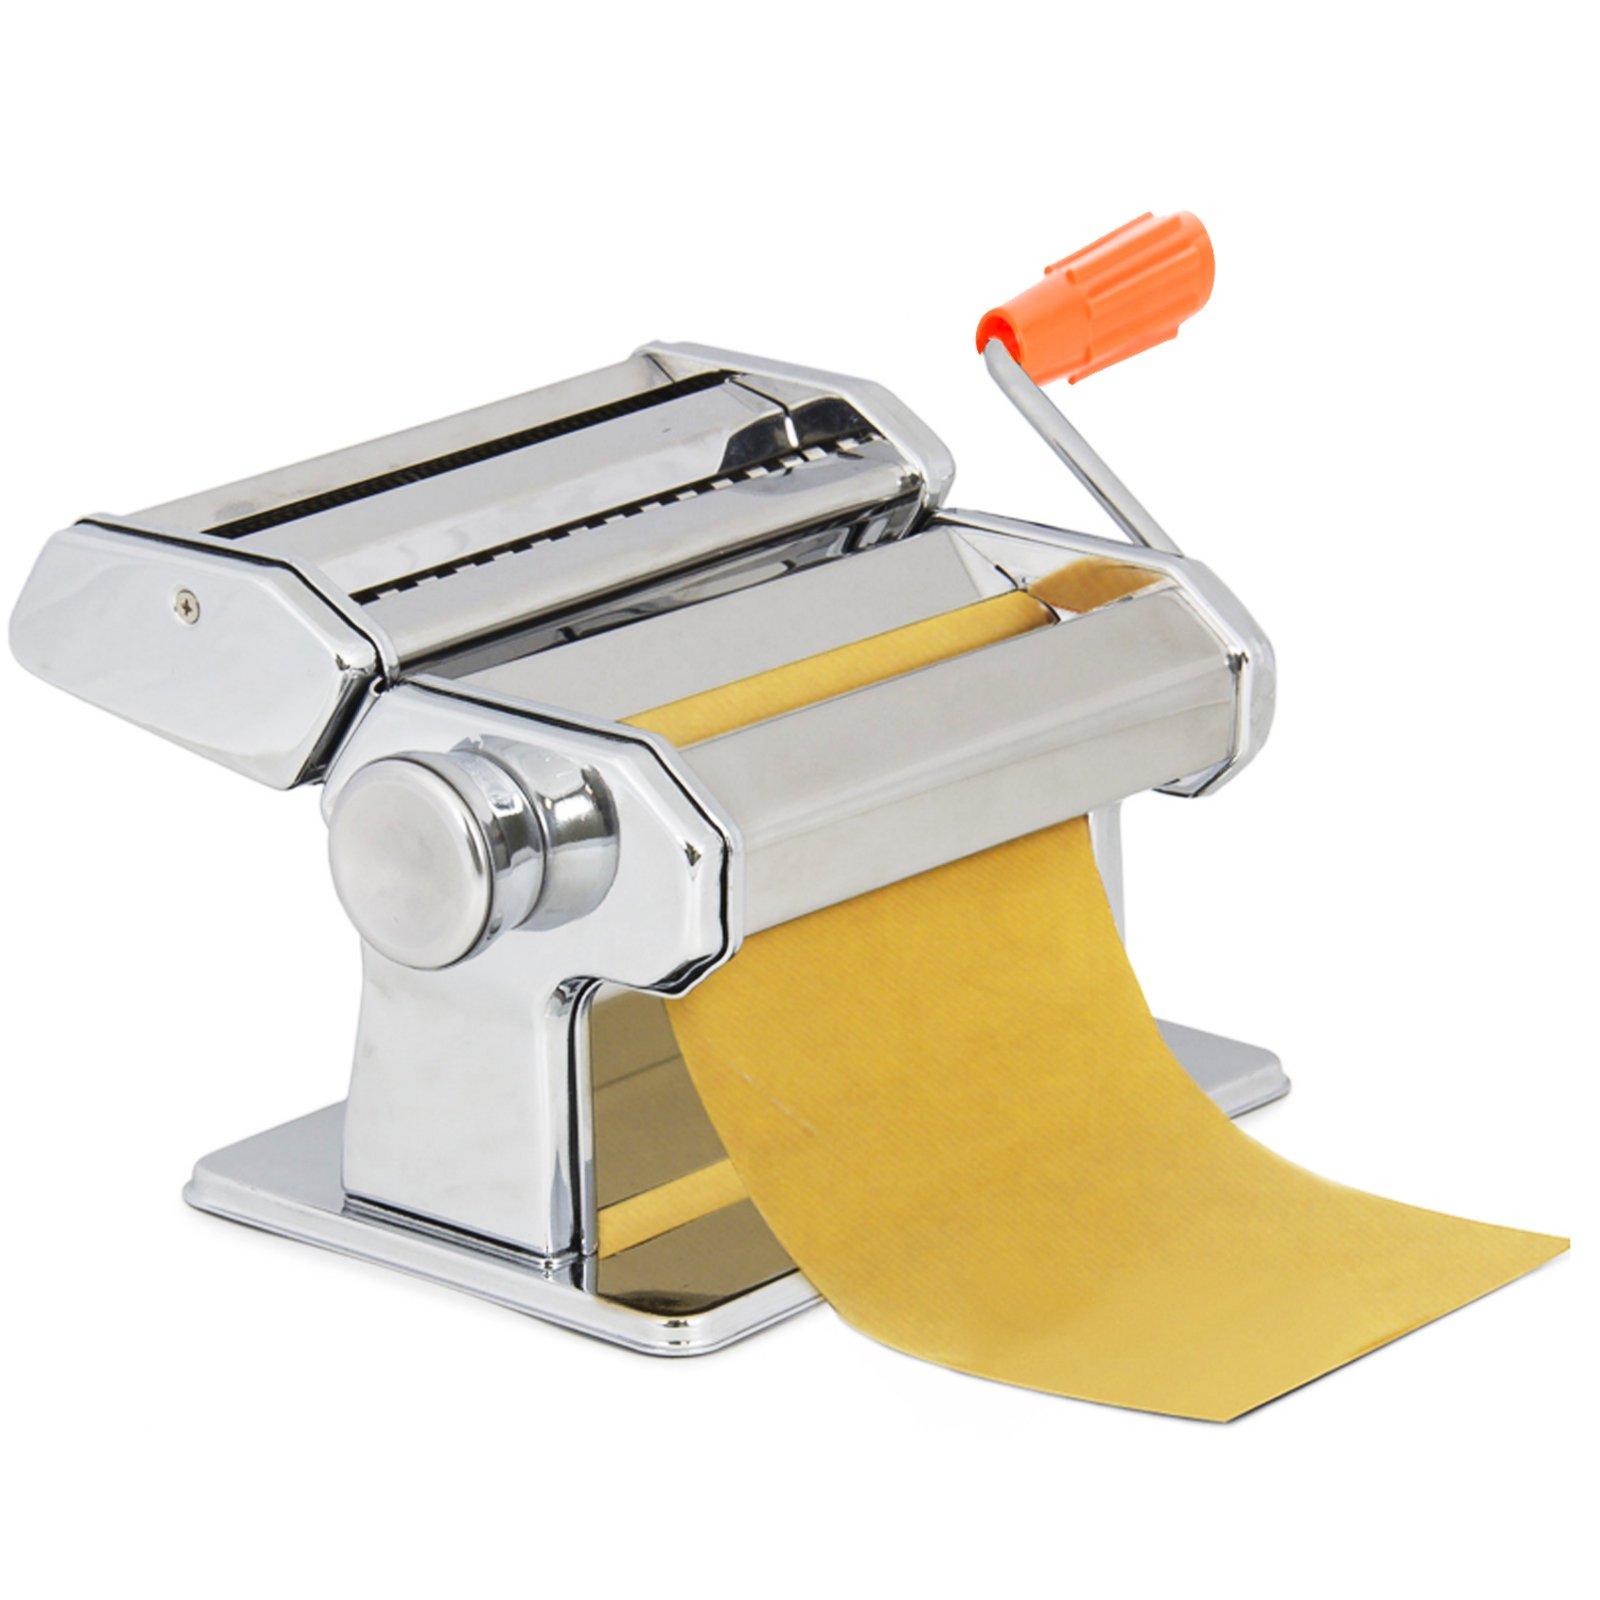 Pasta Maker Machine by riklos